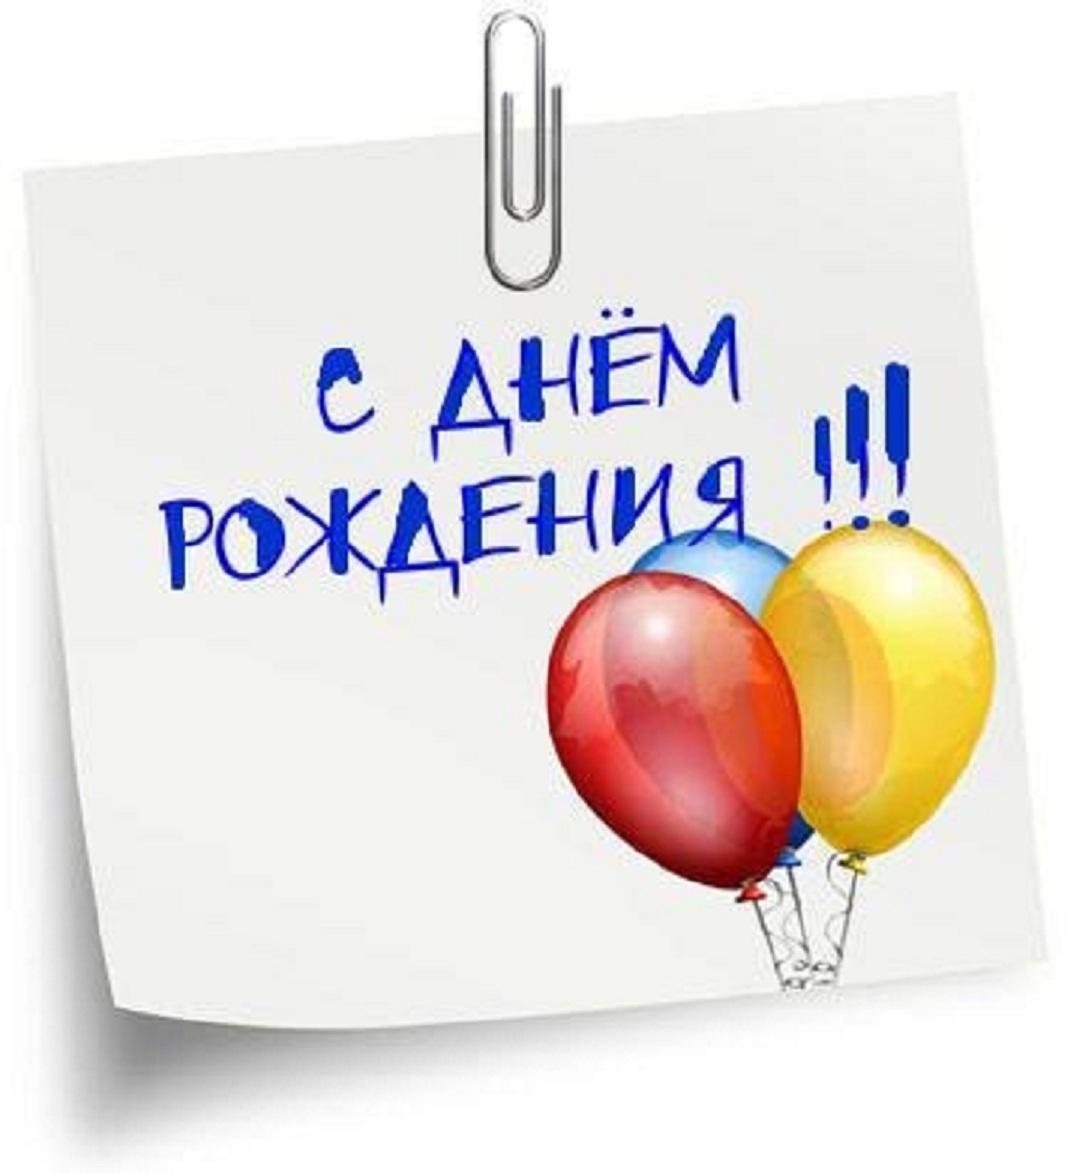 Поздравления с днем рождения мужчине 141 поздравление 85